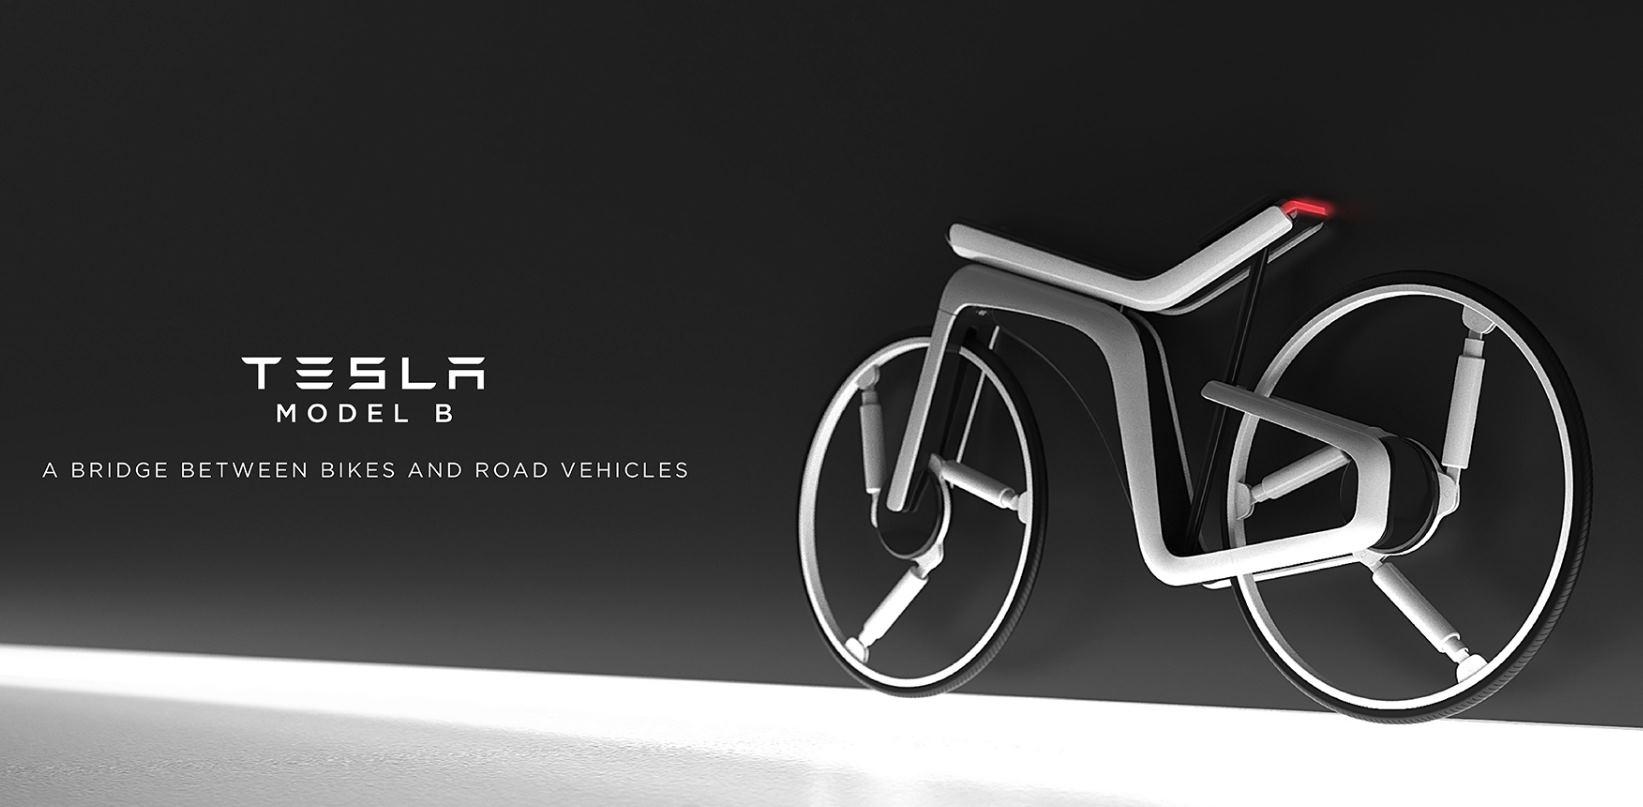 Una bicicleta eléctrica con diseño inspirado en Tesla